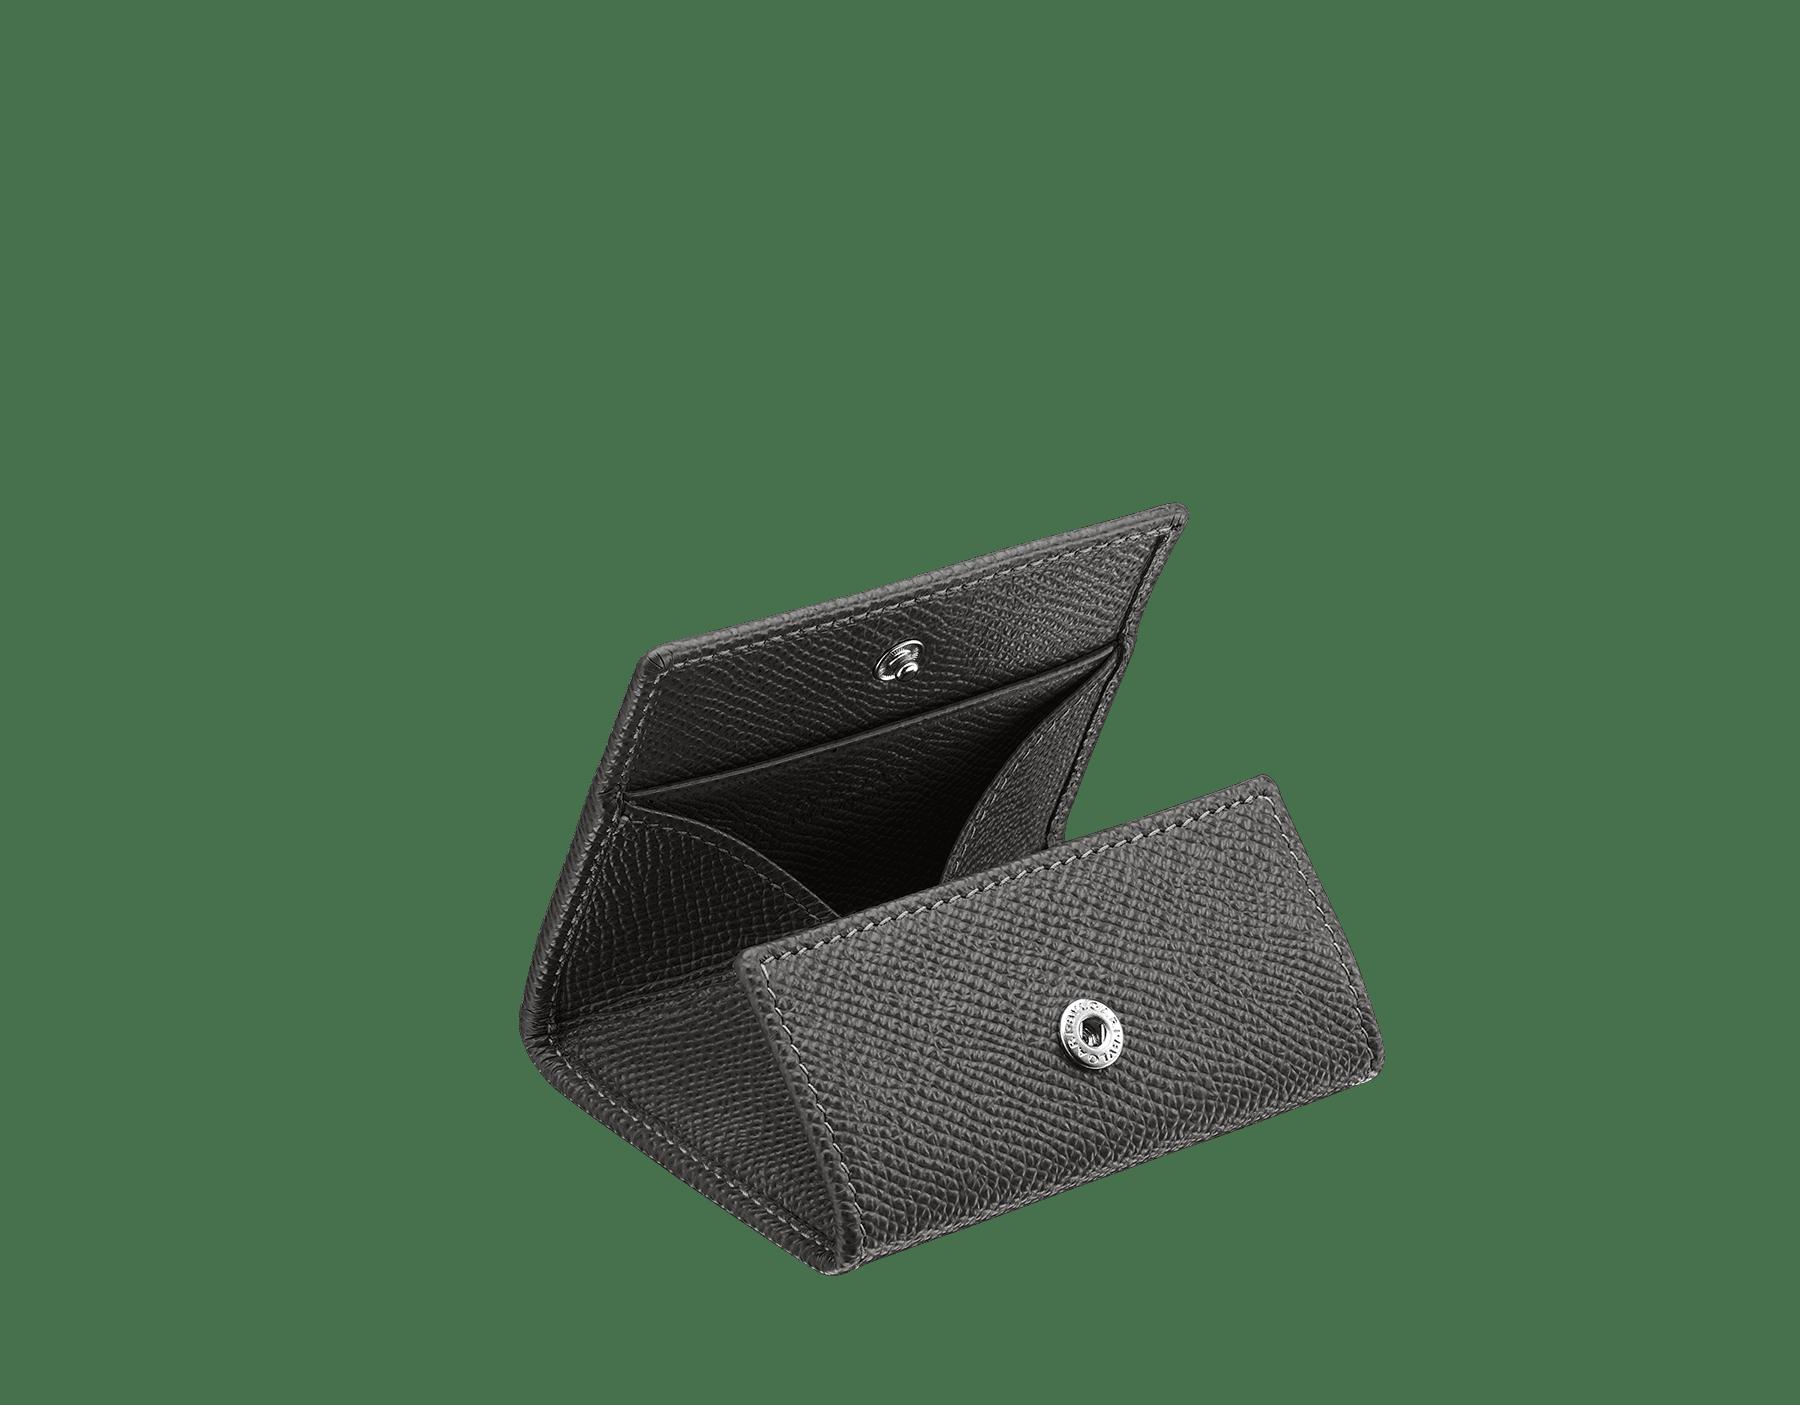 デニムサファイアのグレインカーフレザー製コインホルダー。「ブルガリ・ブルガリ」モチーフをあしらった、ブラスパラジウムプレートの金具付き。 BBM-WLT-COIN image 2